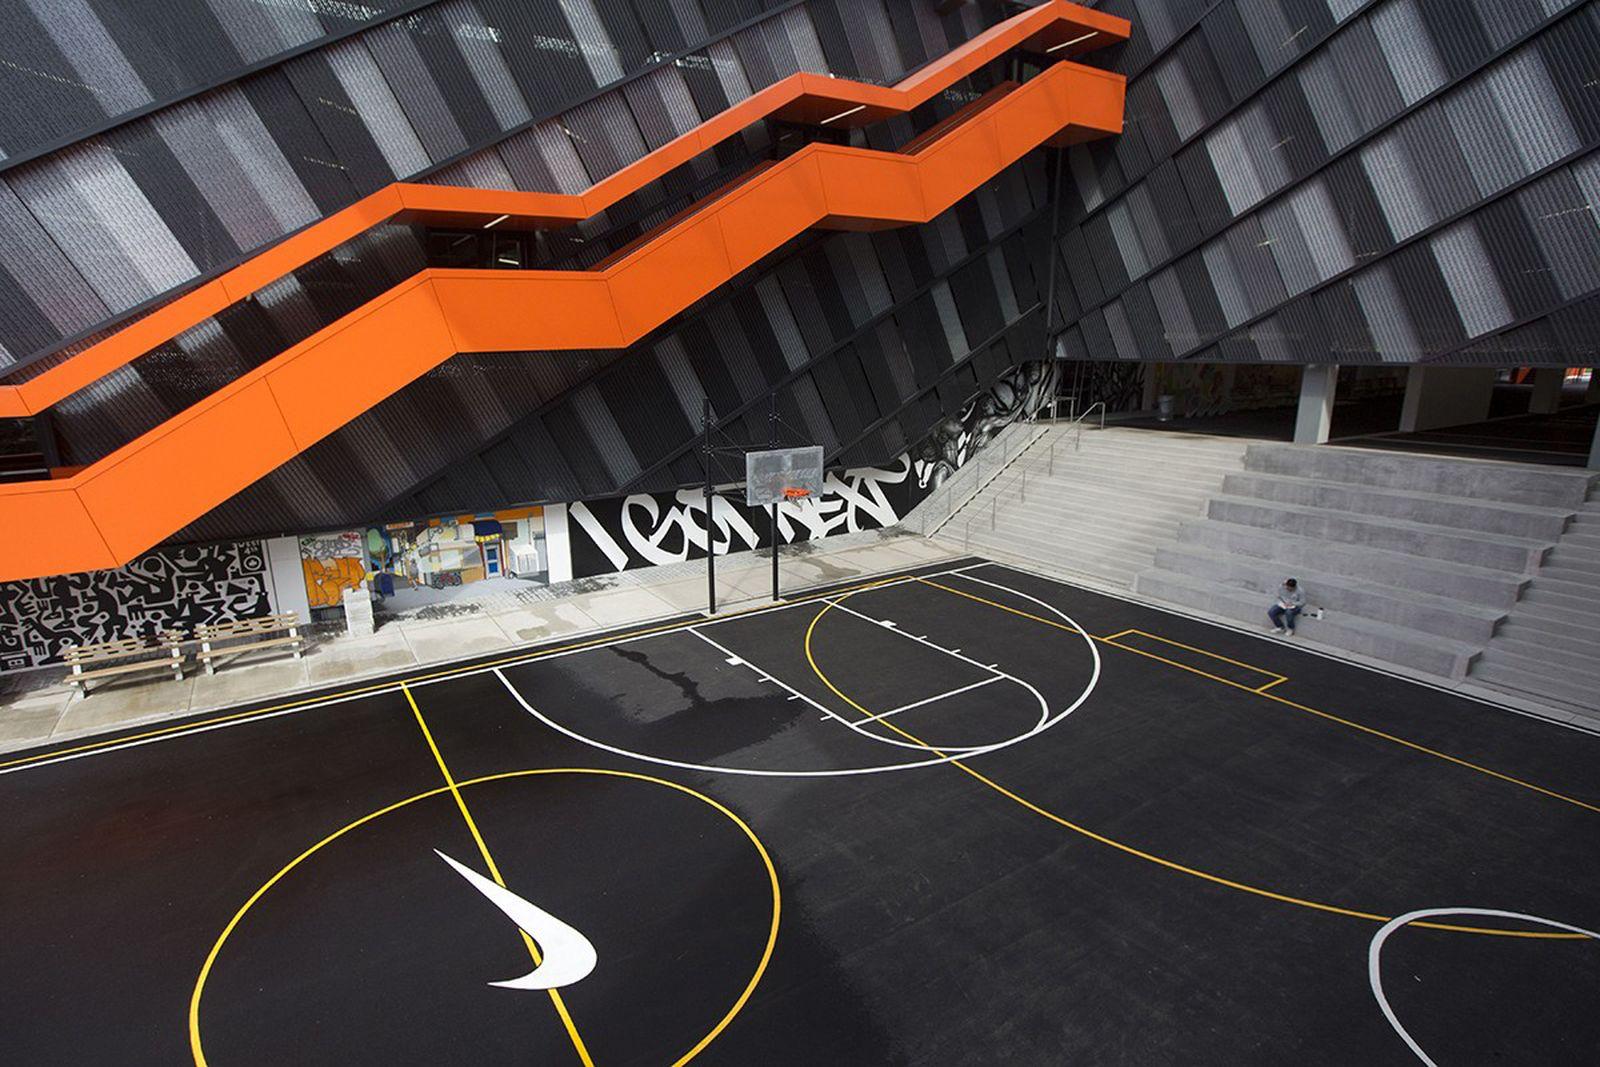 nike-headquarters-tour-01